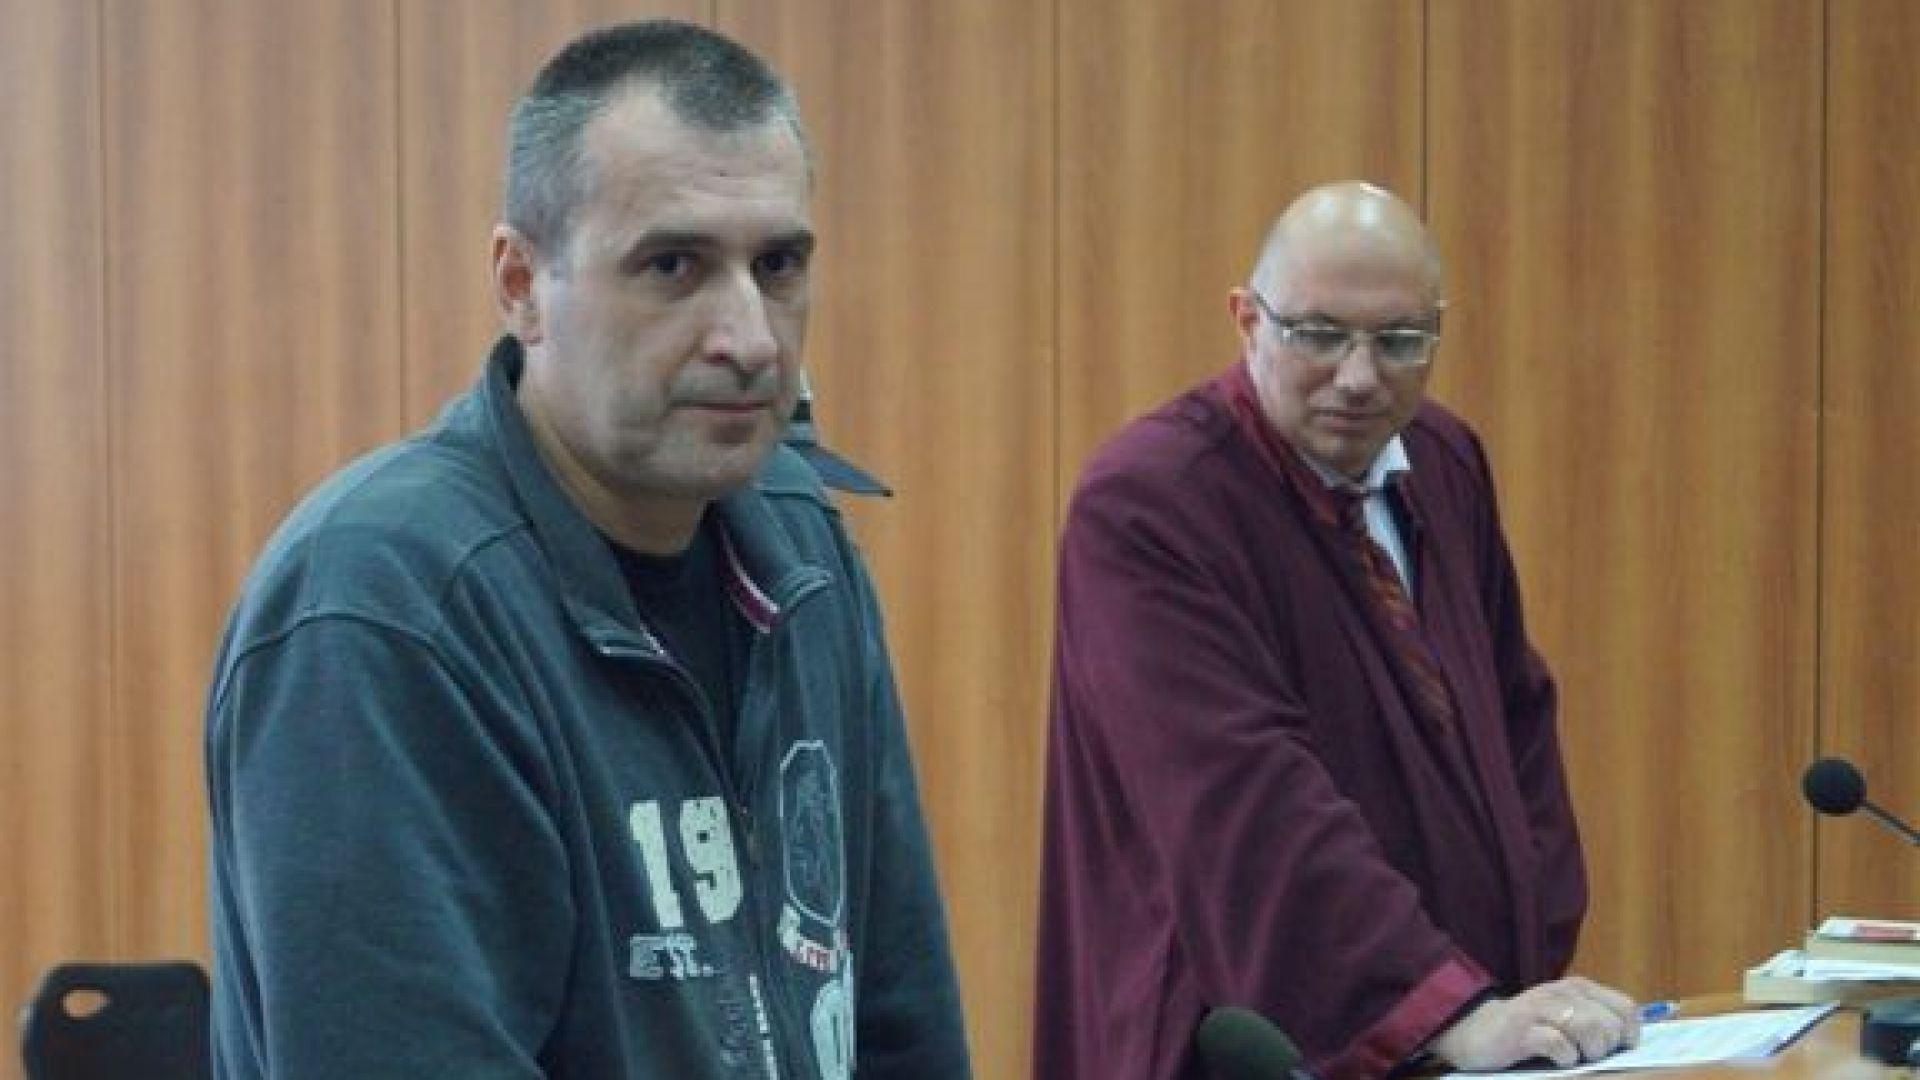 ВКС върна делото срещу бившия полицай Венцеслав Караджов, убил родителите си